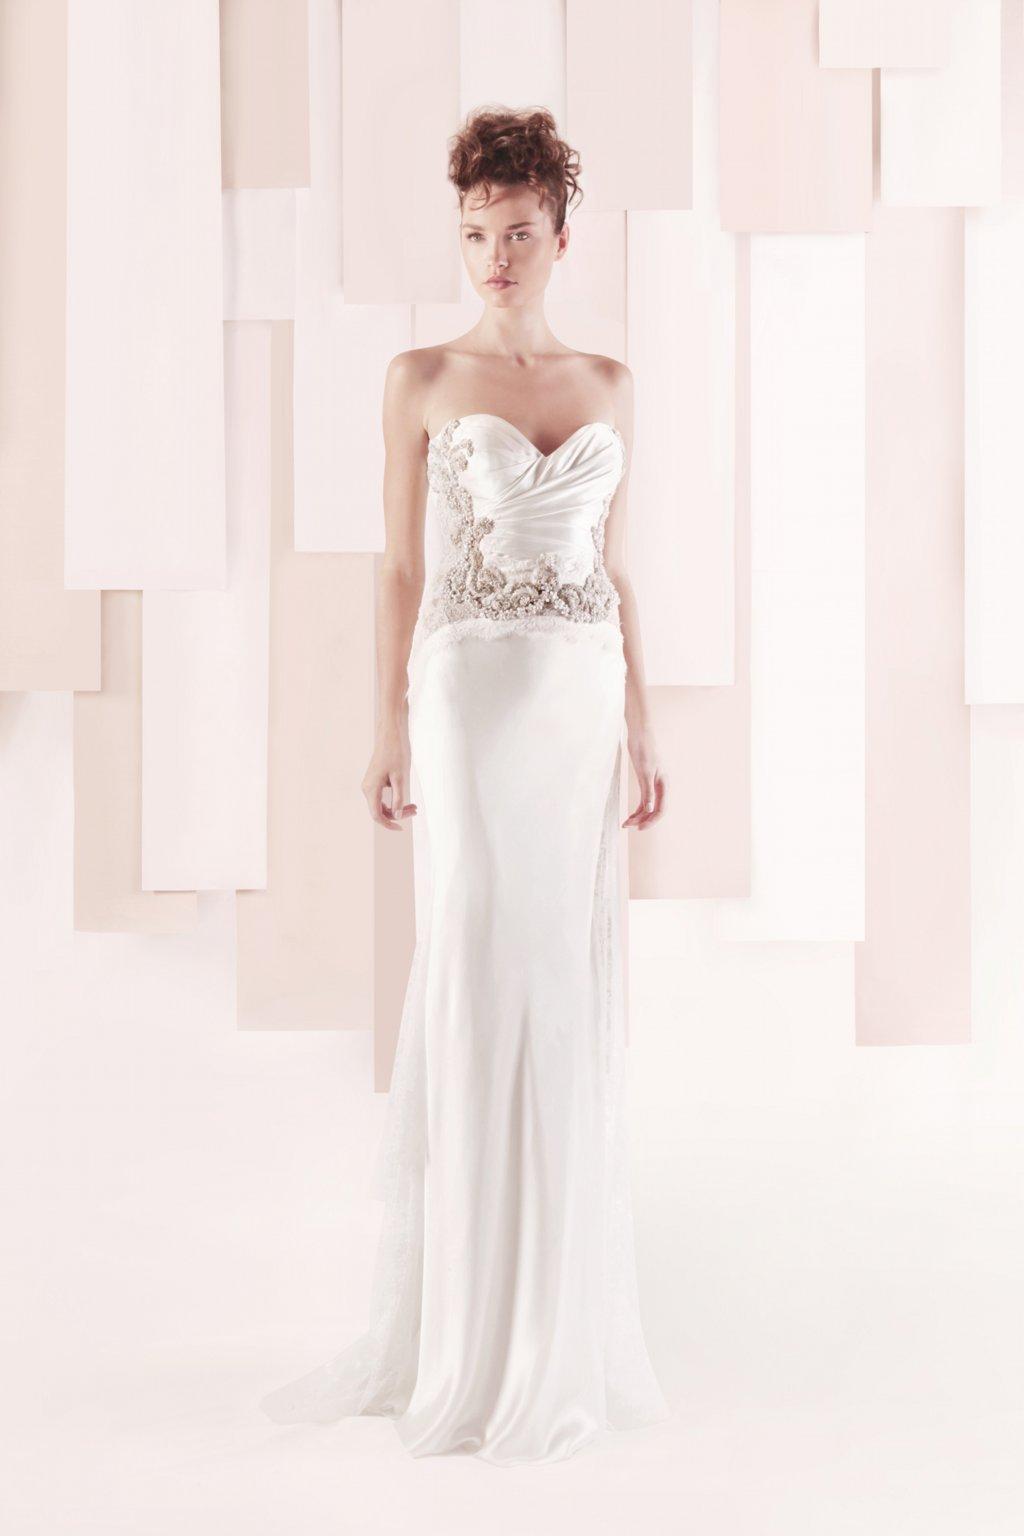 Wedding-dress-by-gemy-maalouf-2013-bridal-style-3171.full